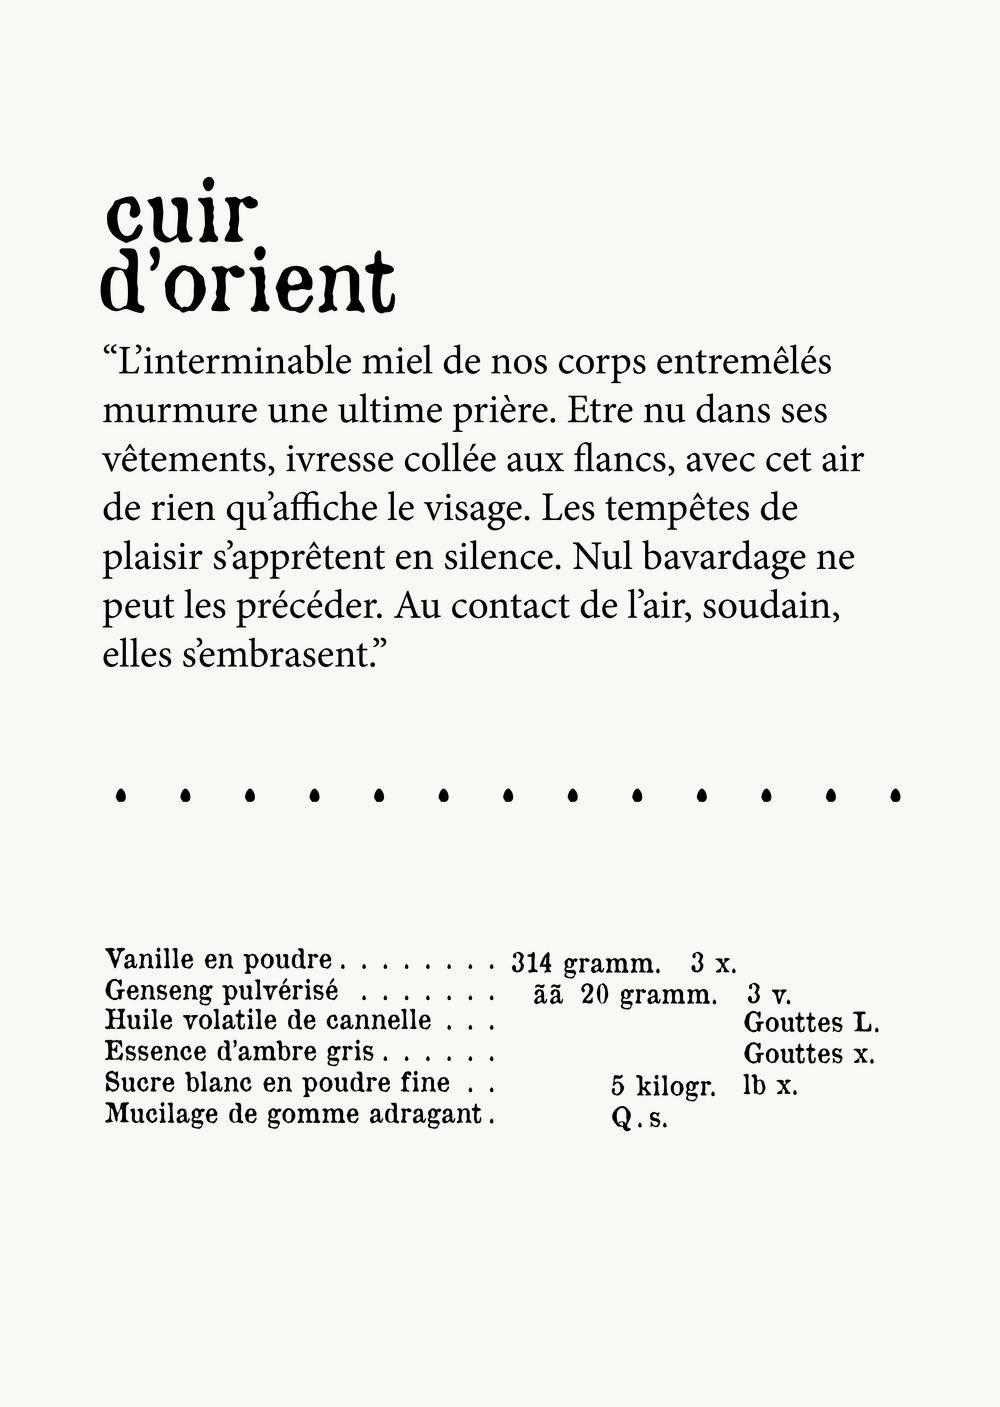 website cuir d'orient fr.jpg